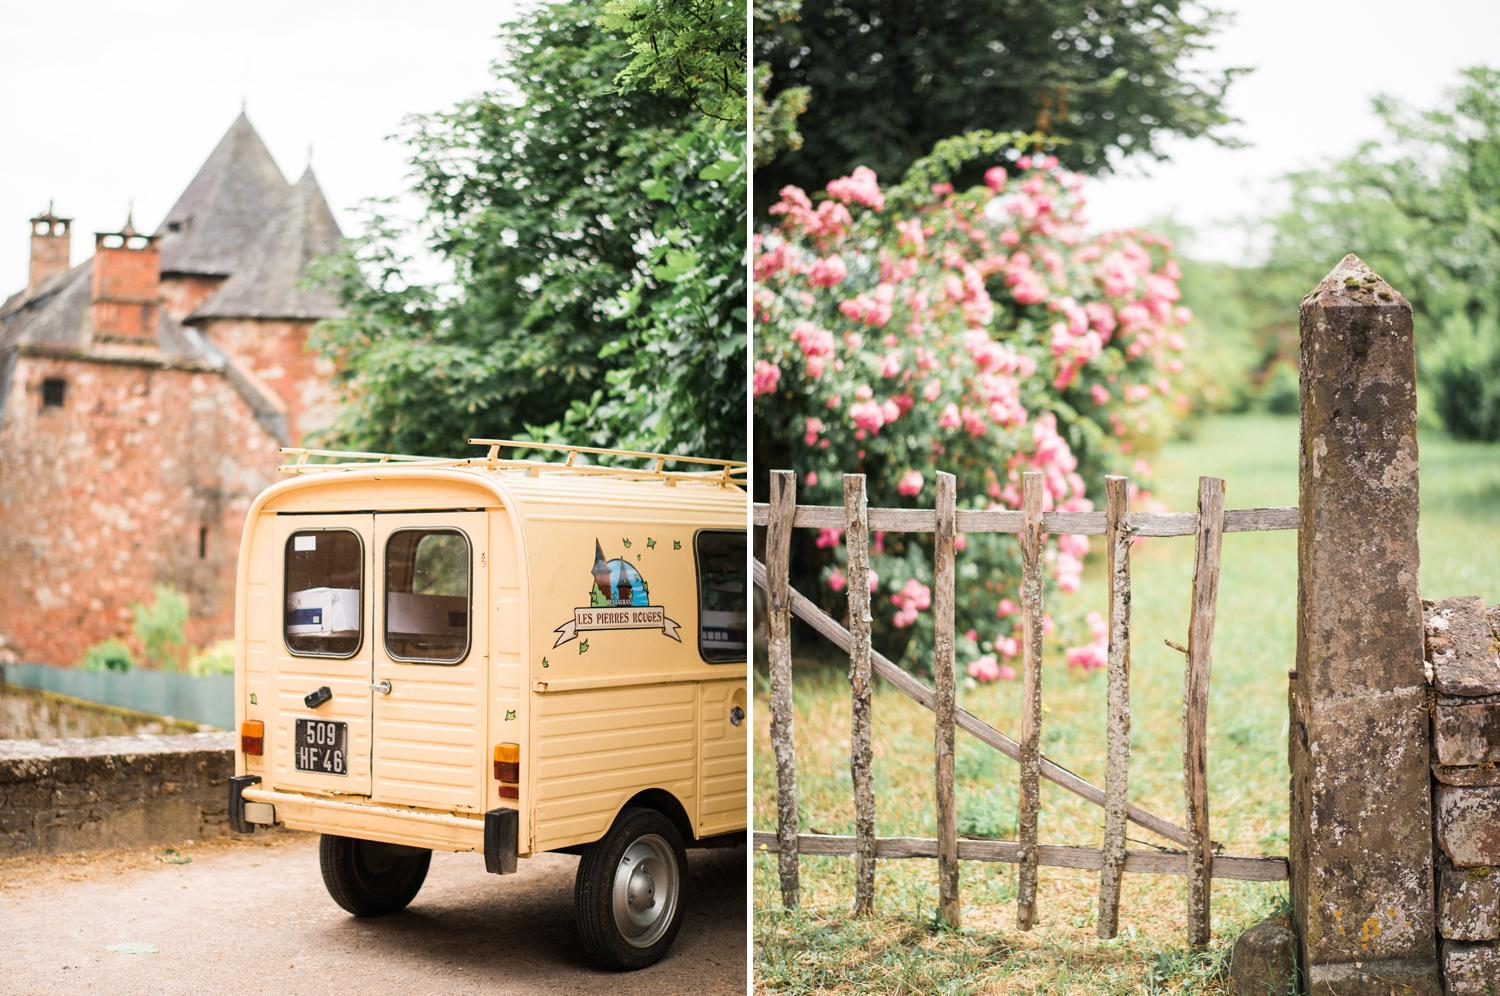 011-french-chateau-destination-wedding-south-france-film-photographer-ryan-flynn.jpg